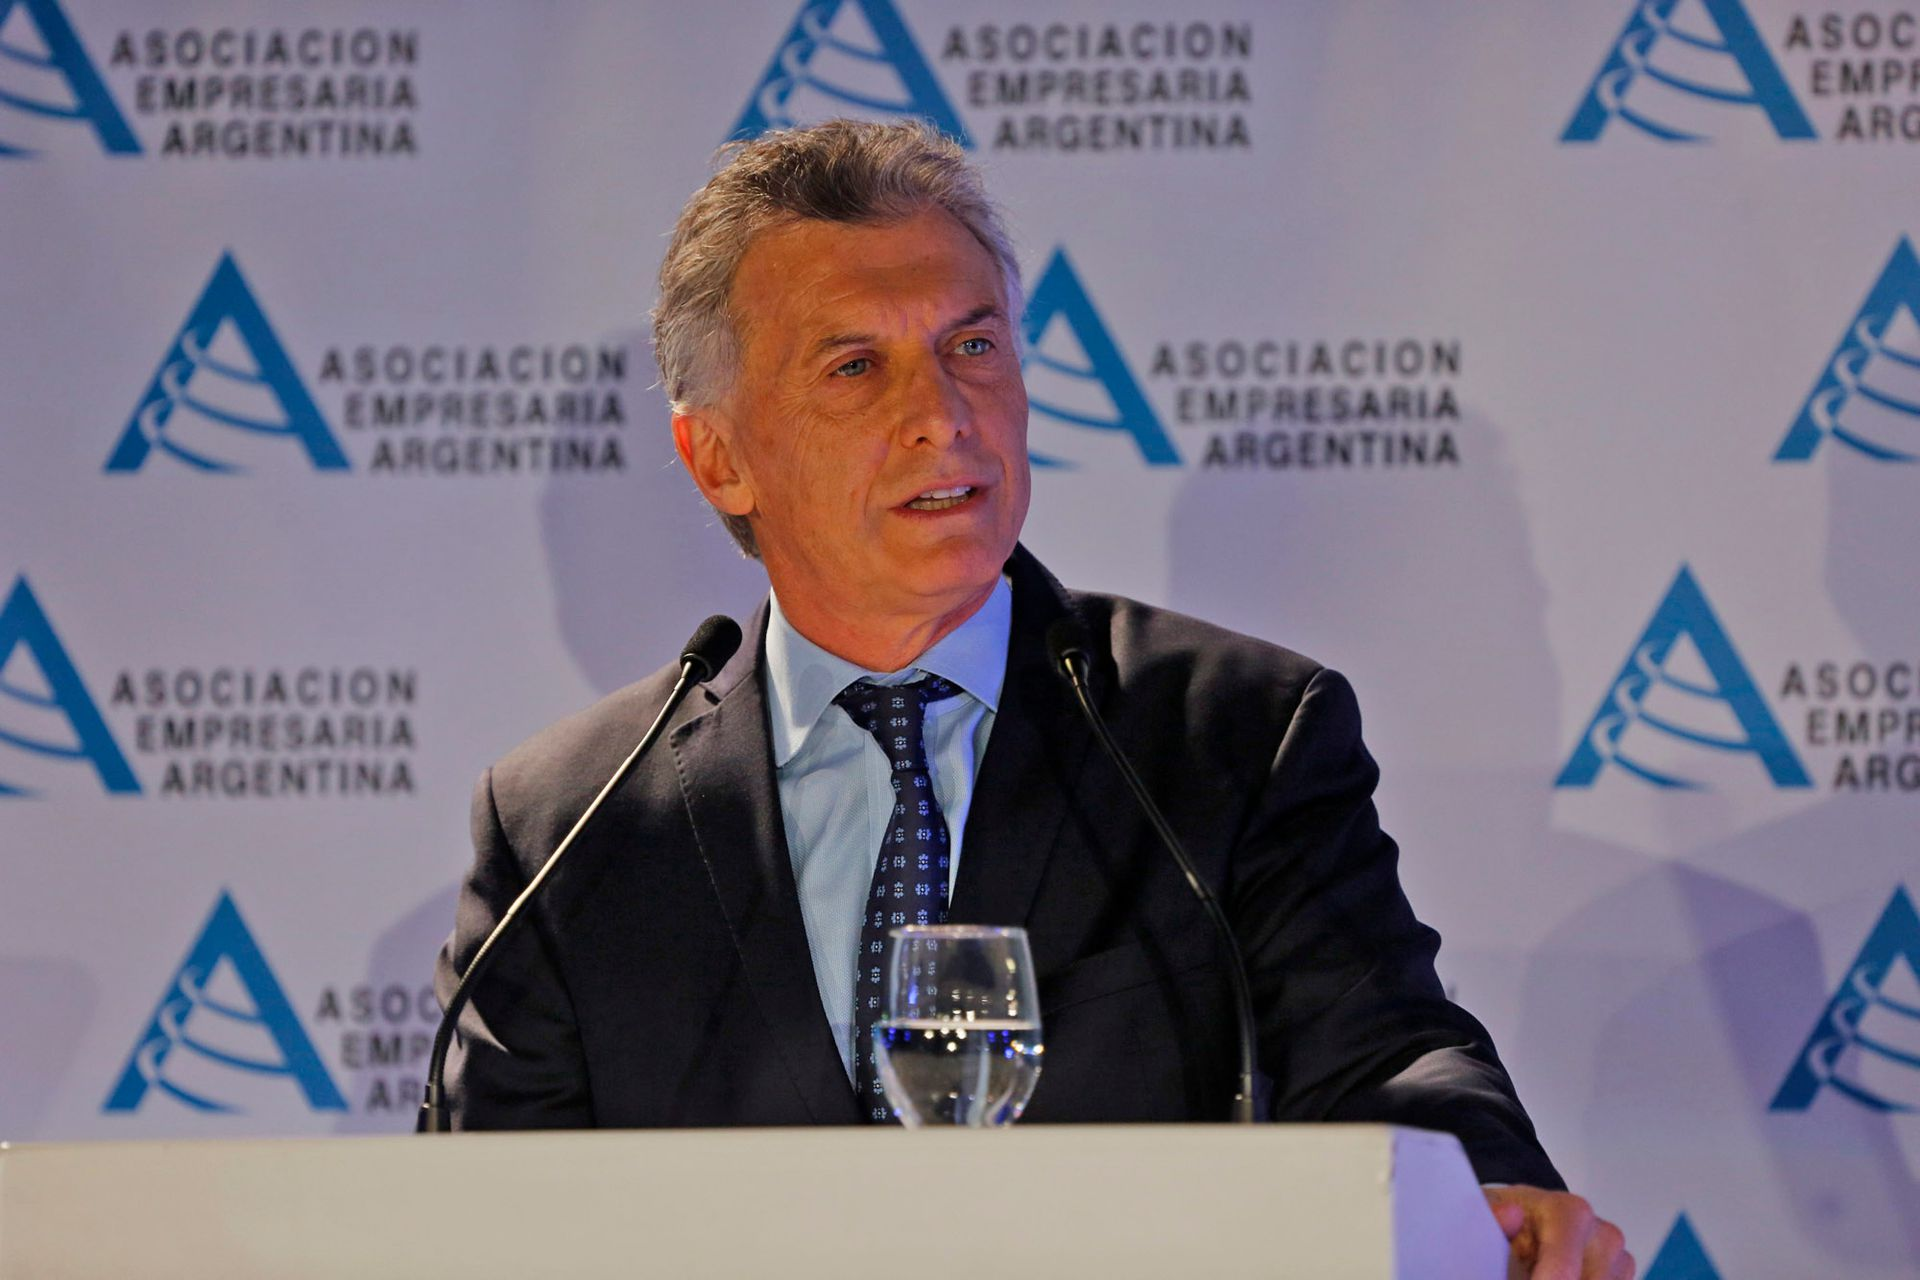 Macri en la reunión Asociación Empresaria Argentina AEA